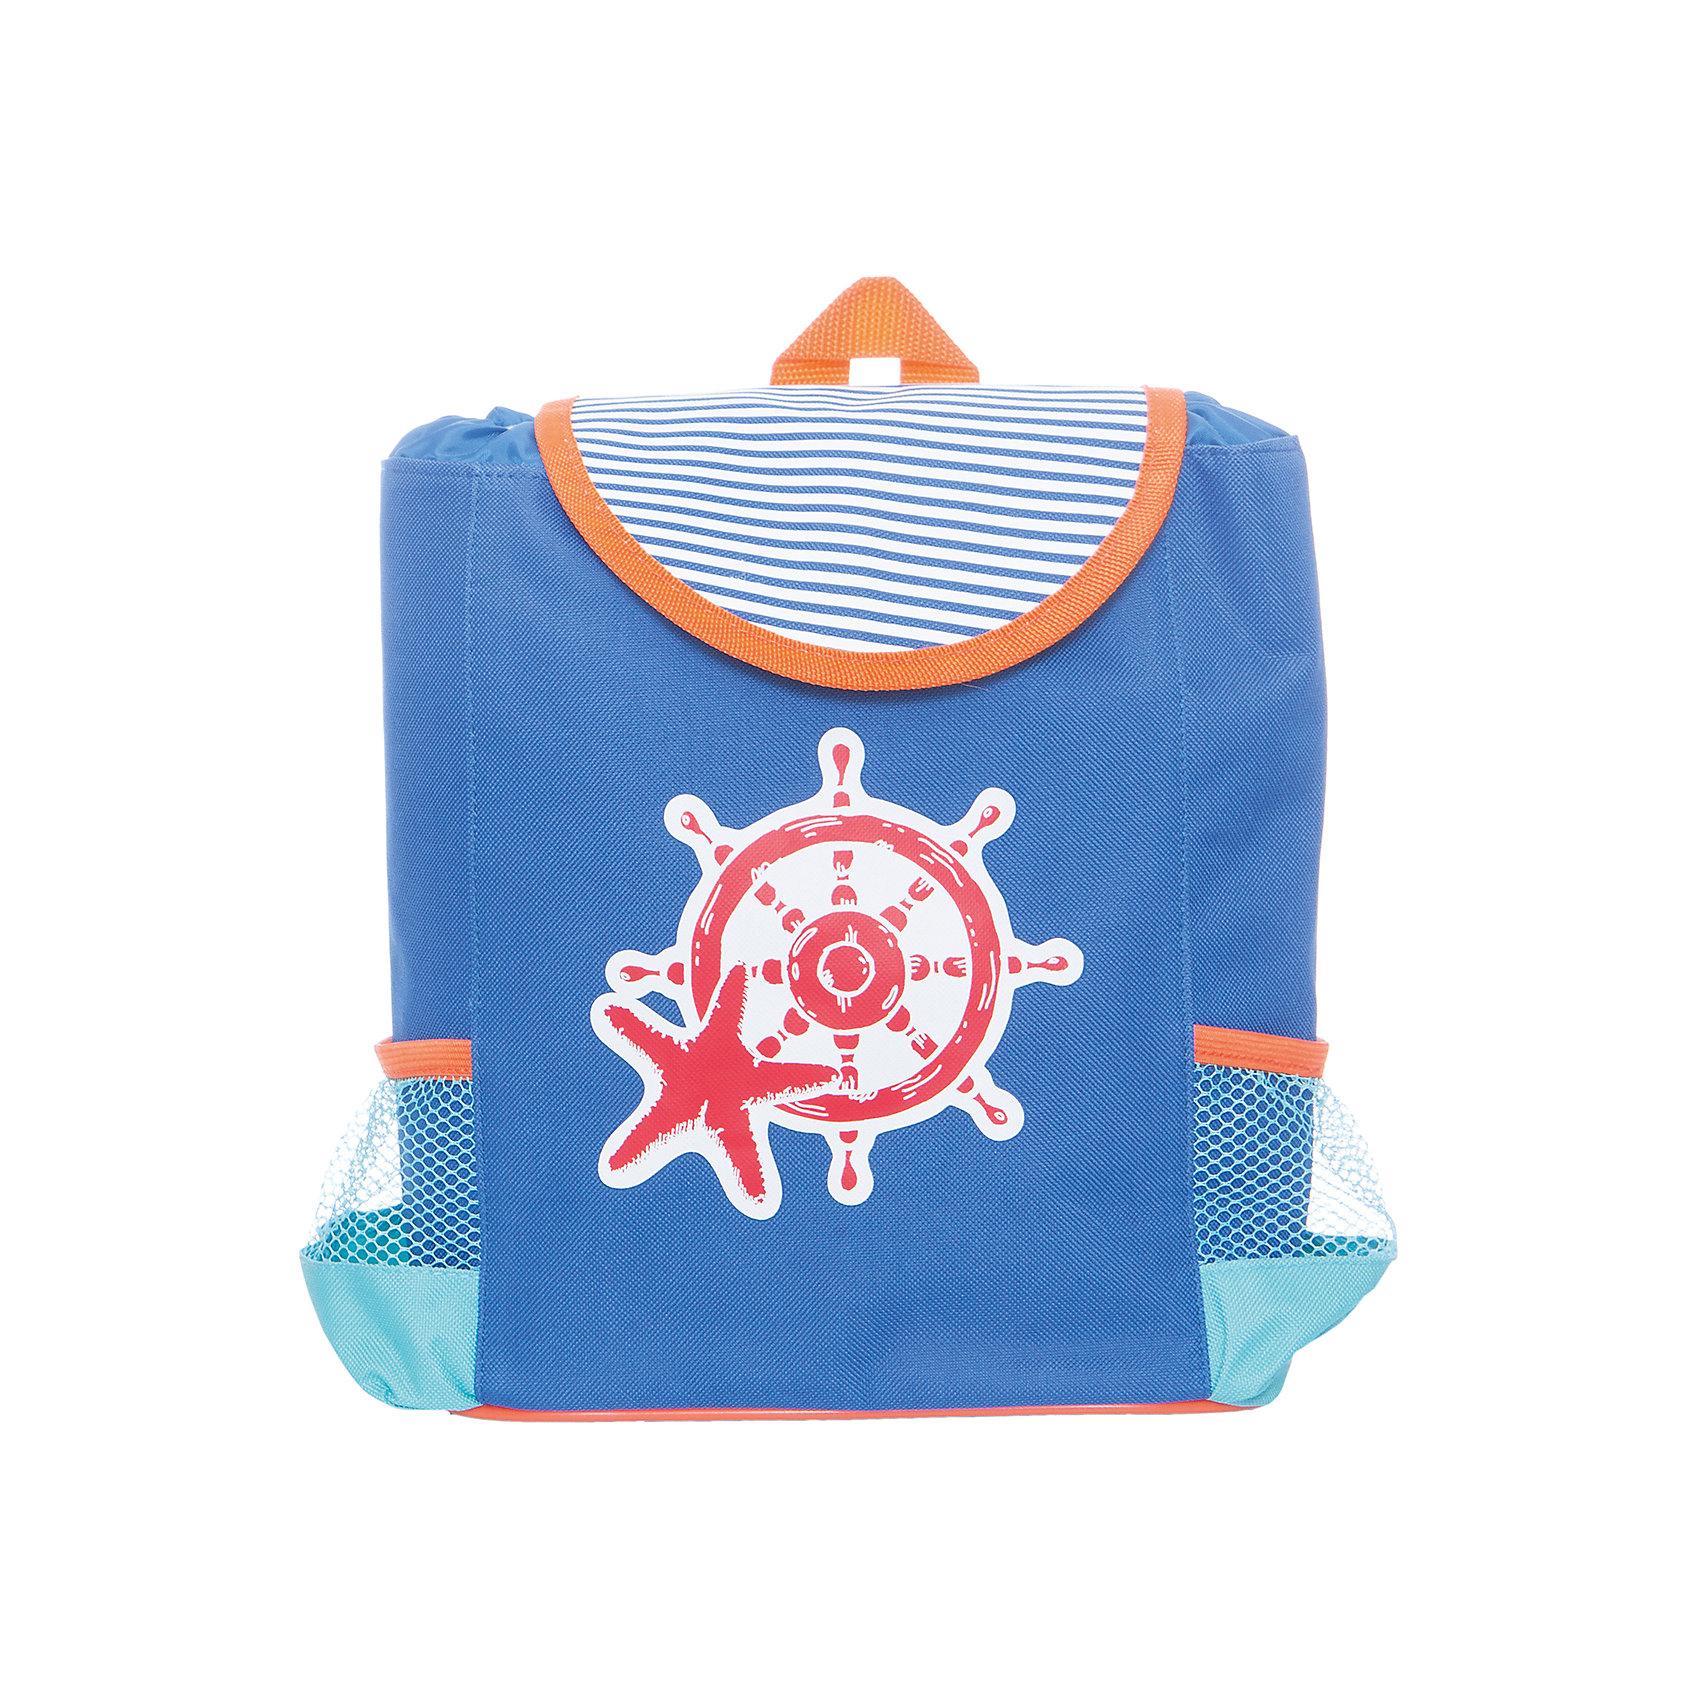 Рюкзак Море 23.5*10*30см.Детские рюкзаки<br>Рюкзак Море  - очень практичный и удобный, подойдет для самых маленьких и постарше. Рюкзак выполнен из текстиля в красивых ярких тонах, с морской тематикой - принтом на переднем плане в виде штурвала и морской звезды. Рюкзак небольшого размера, что позволит даже малышам самостоятельно использовать его по назначению. По краям рюкзака расположены два кармашка, которые пригодятся для бутылочек и мелких вещей.<br><br>Ширина мм: 235<br>Глубина мм: 300<br>Высота мм: 1000<br>Вес г: 260<br>Возраст от месяцев: 36<br>Возраст до месяцев: 2147483647<br>Пол: Унисекс<br>Возраст: Детский<br>SKU: 5508539